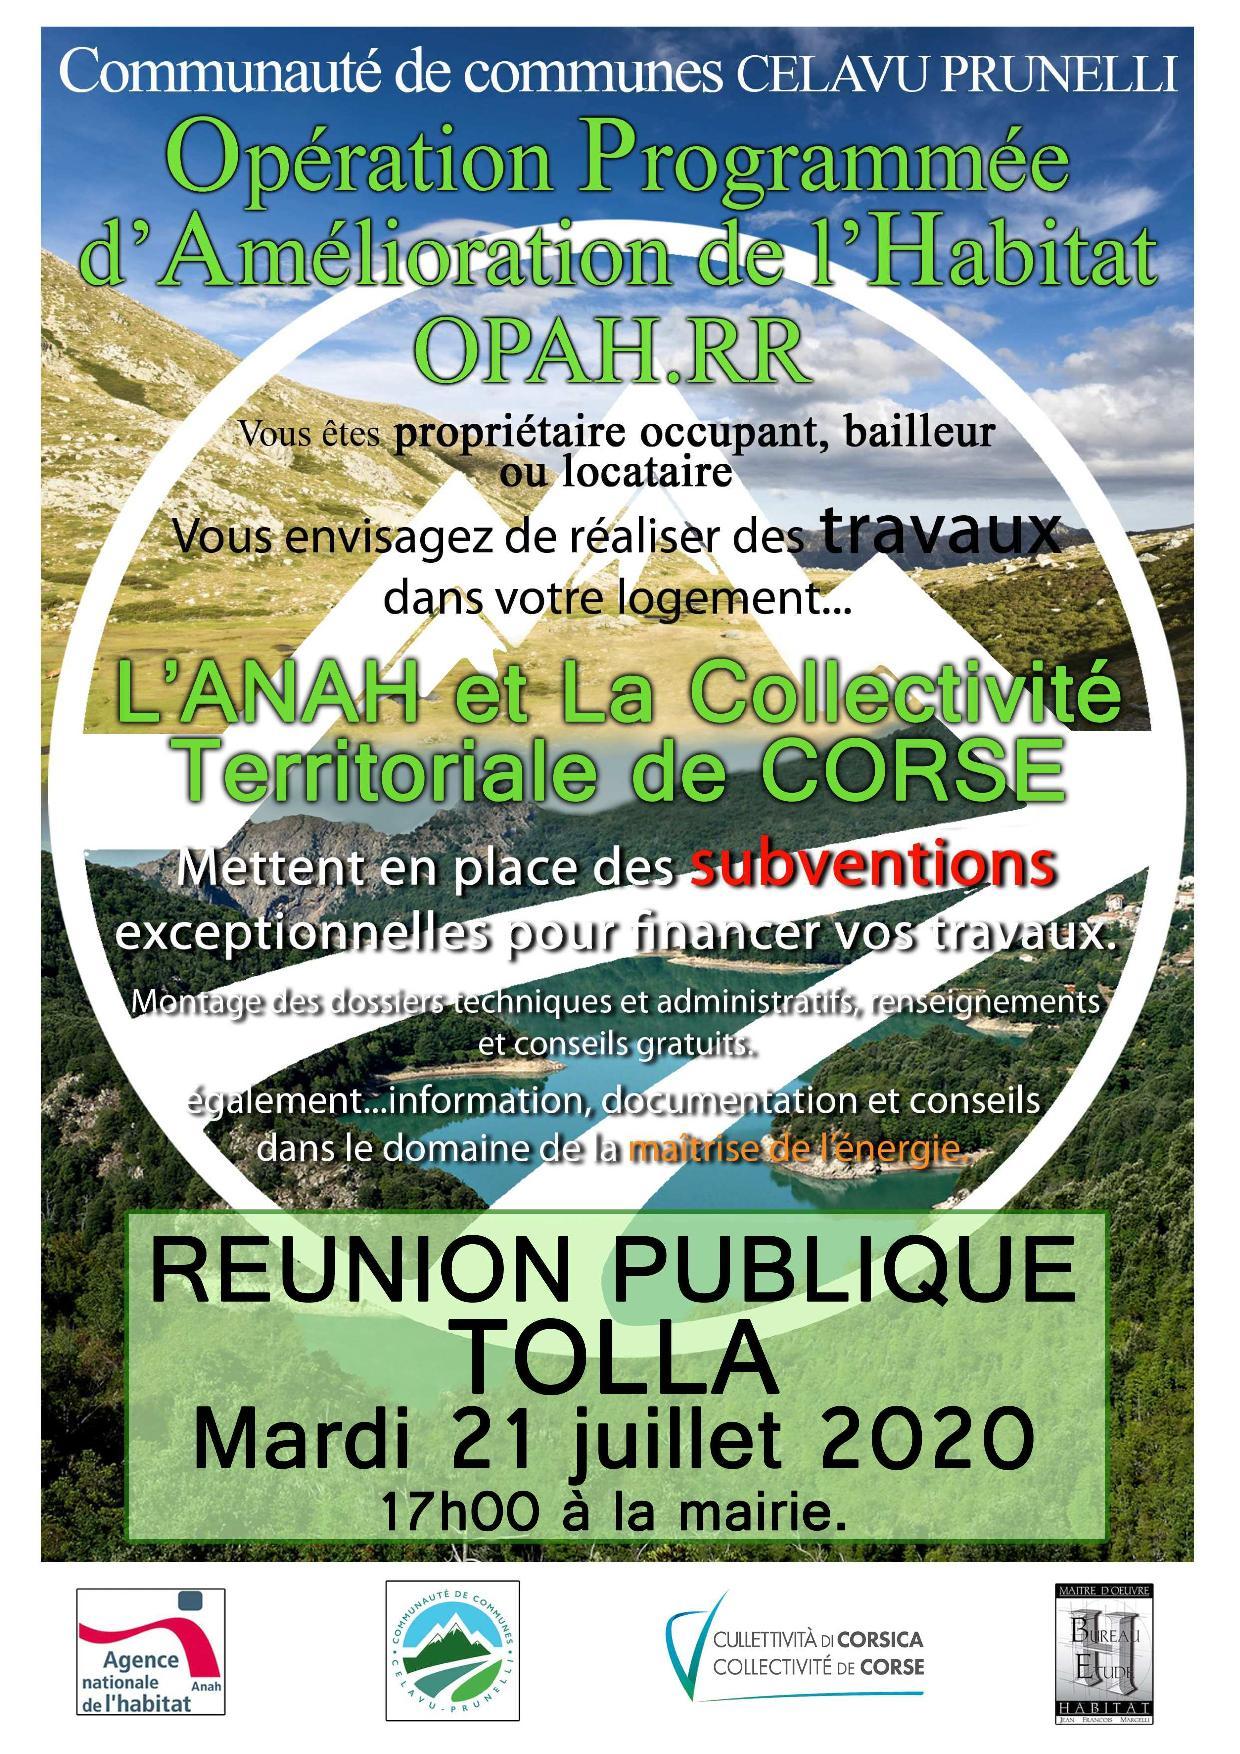 Réunion publique sur le programme d'amélioration de l'habitat OPAH